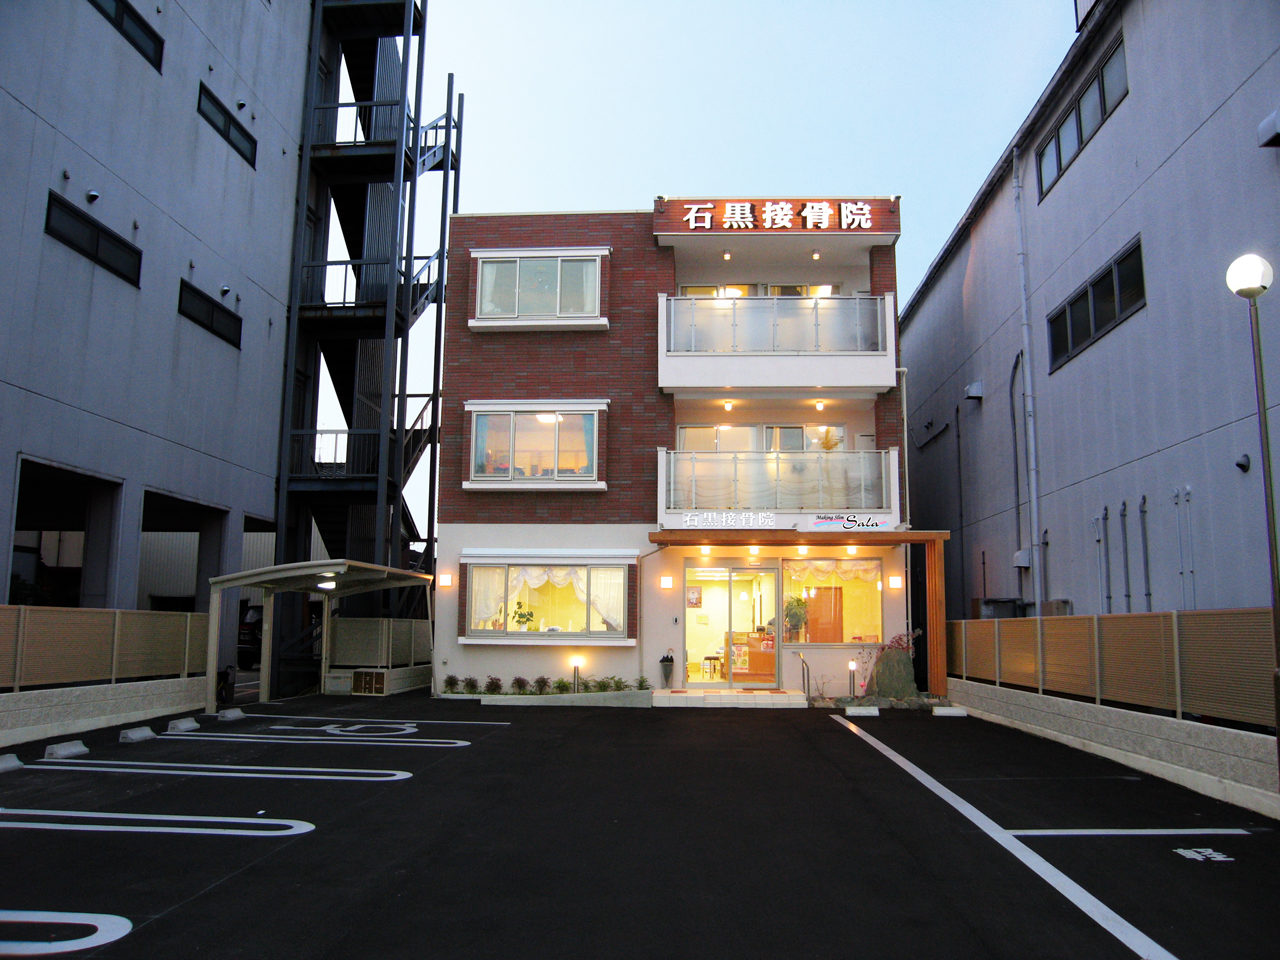 愛知県一宮市で新築建て替え設計、鍼灸接骨院デザインをさせていただいたエステティックサロン併設鍼灸接骨院付きホームエレベーター付き二世帯住宅